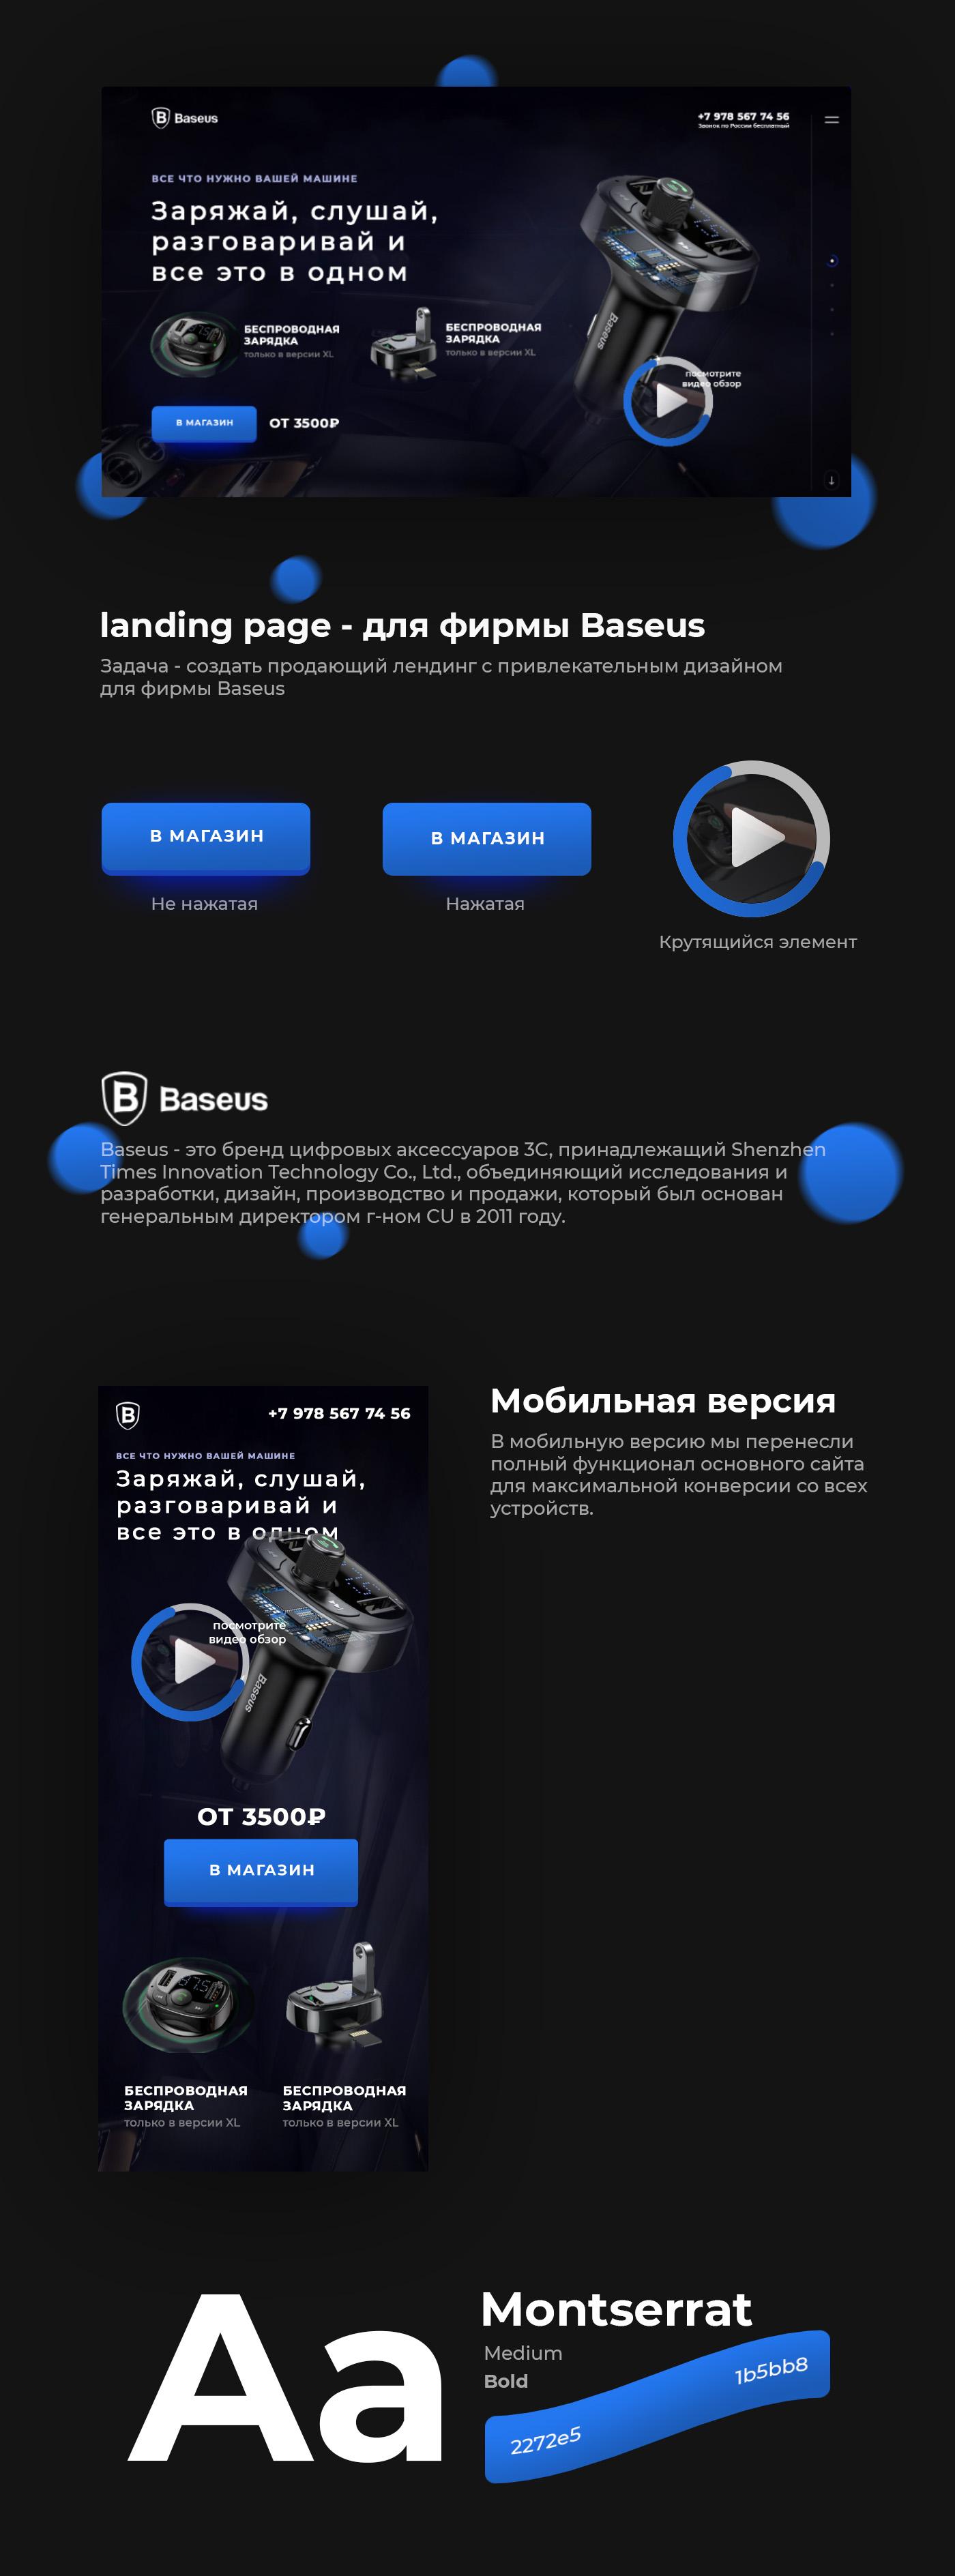 Baseus гаджеты для айфонов   landing page